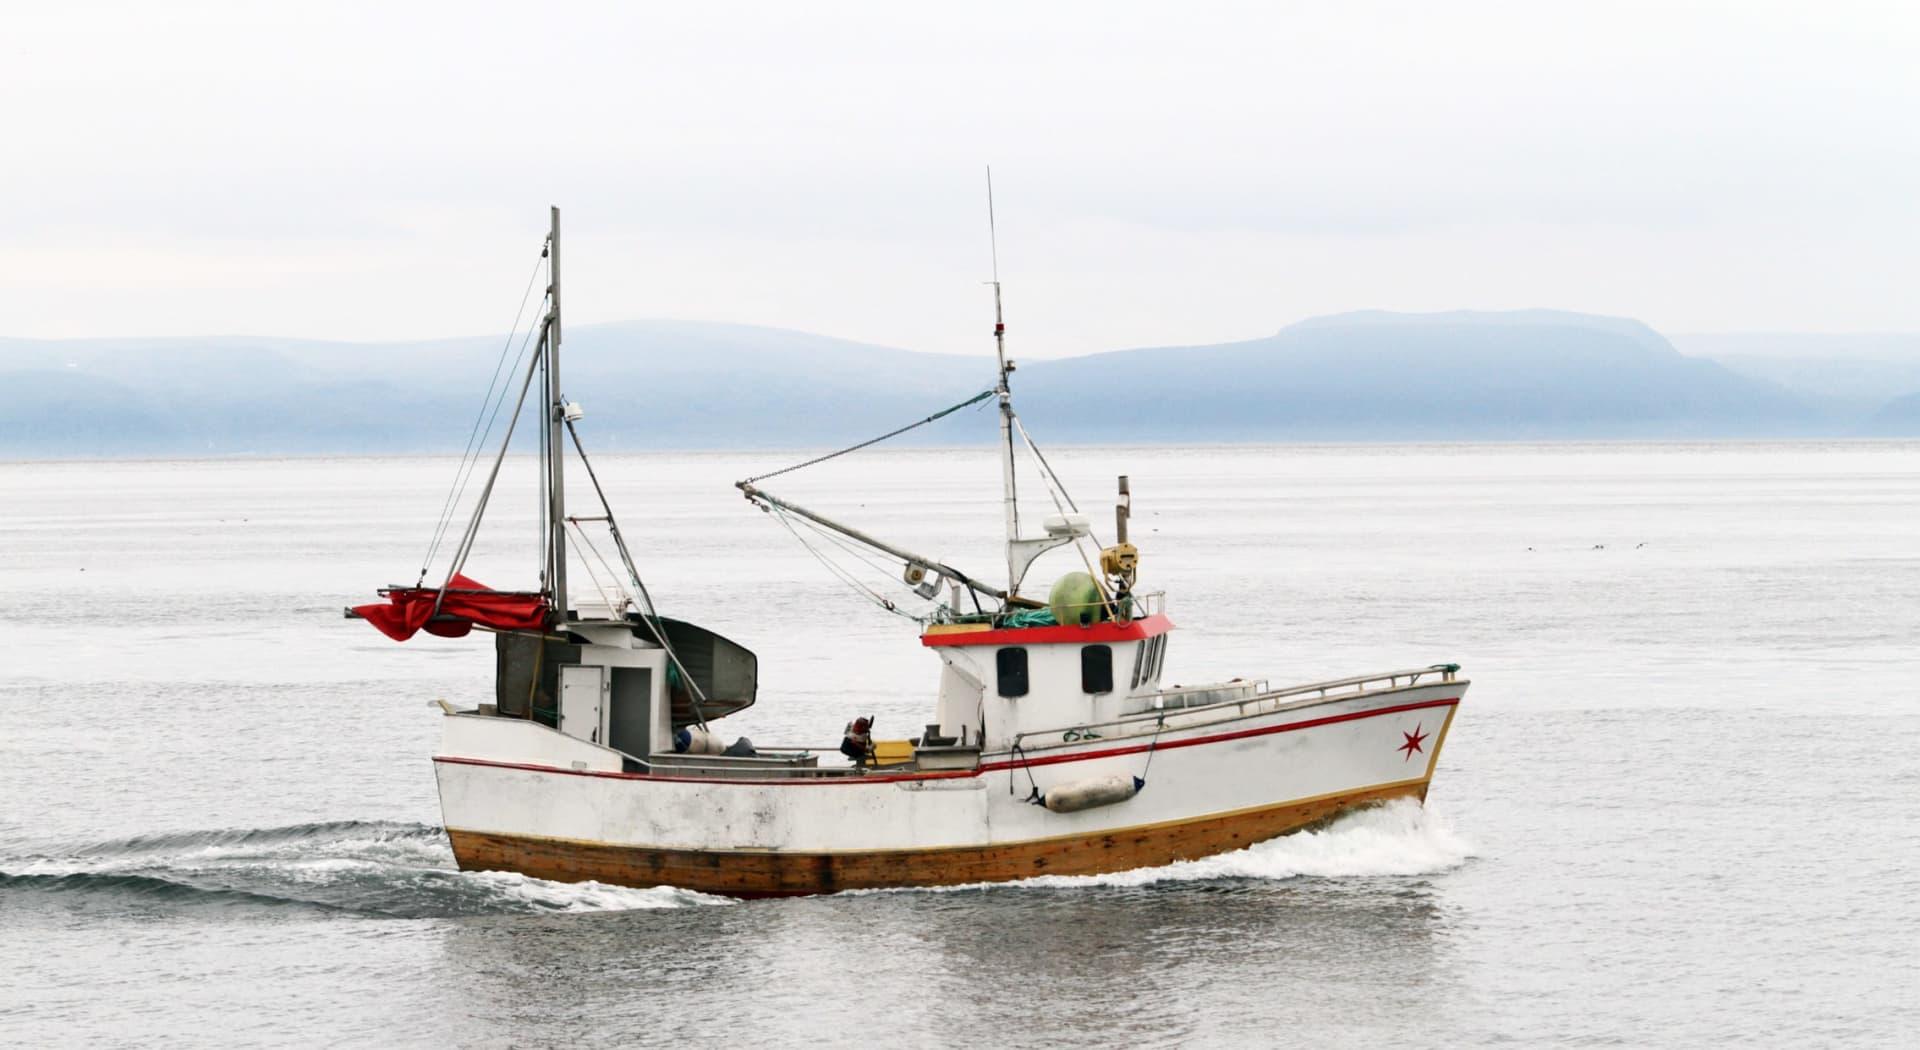 Loss of license skal gi økonomisk sikkerhet når en sjømann ikke lenger får lov til å jobbe på sjøen. Det bryr ikke Tryg forsikring seg noe om, og vil ikke betale slik erstatning.